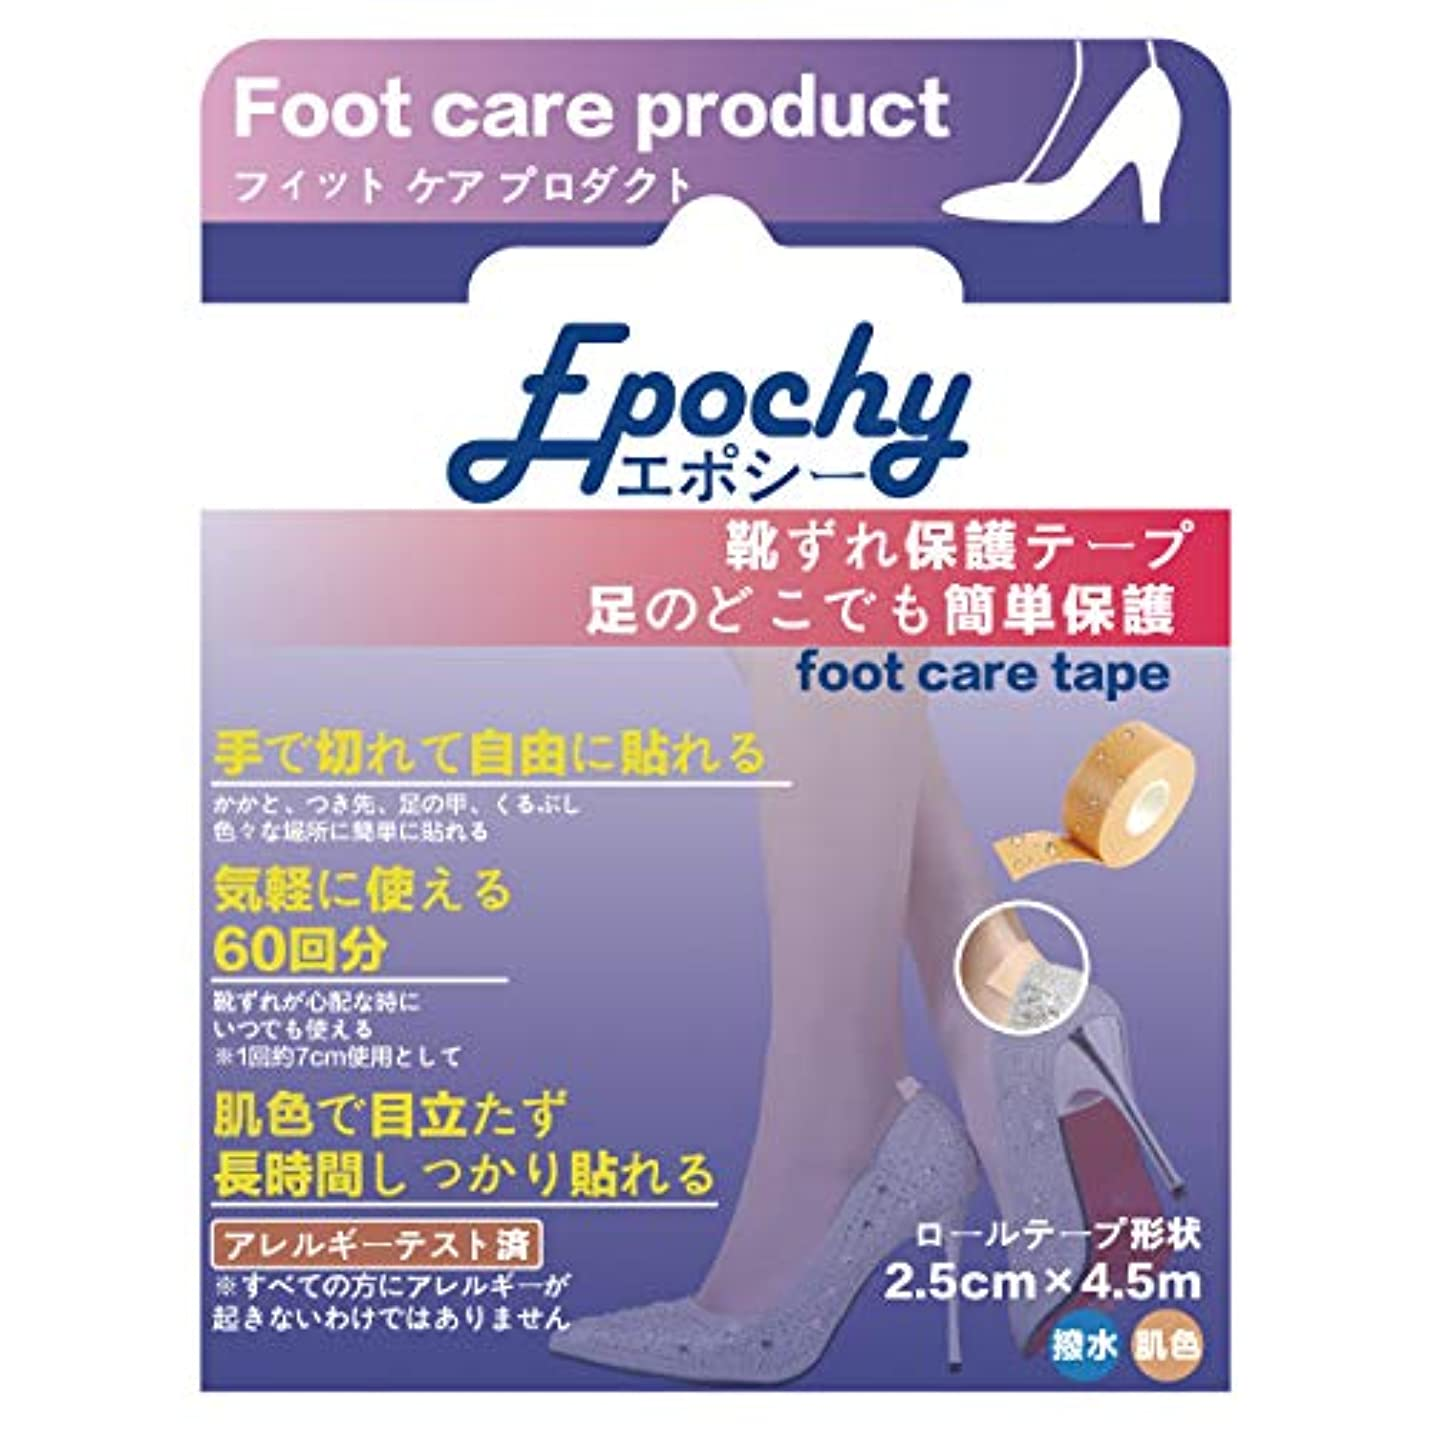 取り戻すアプト注ぎますエポシー™ 靴ずれ保護テープ 4.5M ロールテープ形状 強力 透明 肌用 皮膚に優しい 汗や水にも強い